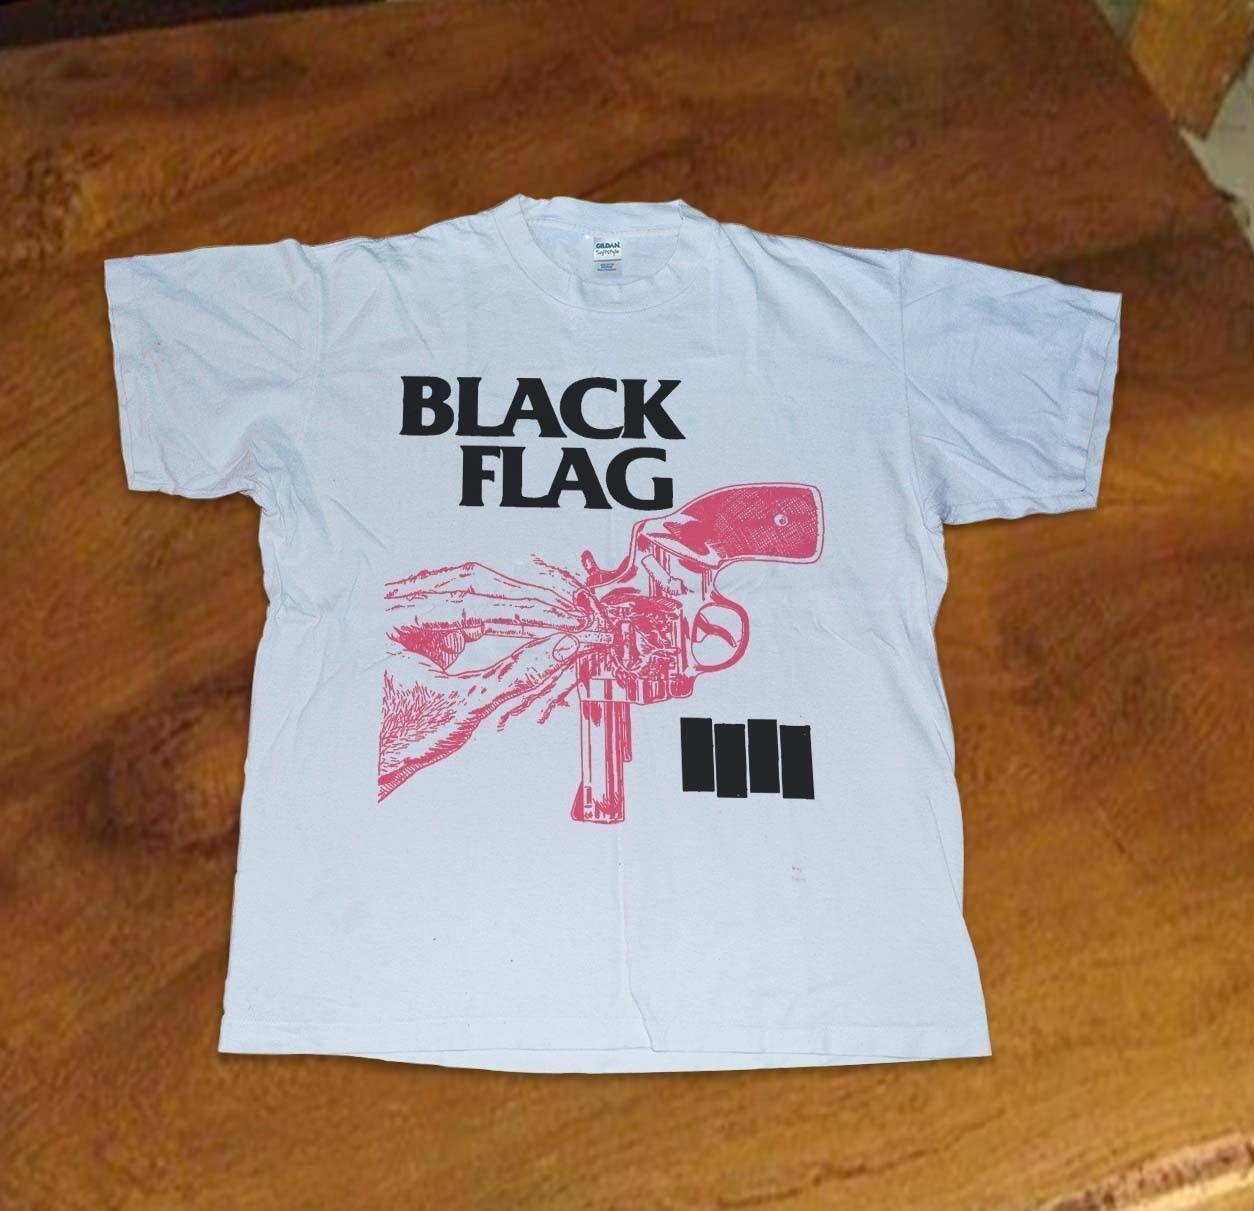 2f27b07ead952 BLACK FLAG Raymond Pettibone T-Shirt 90s Punk Misfits Reprint New Funny  free shipping Unisex Casual Tshirt